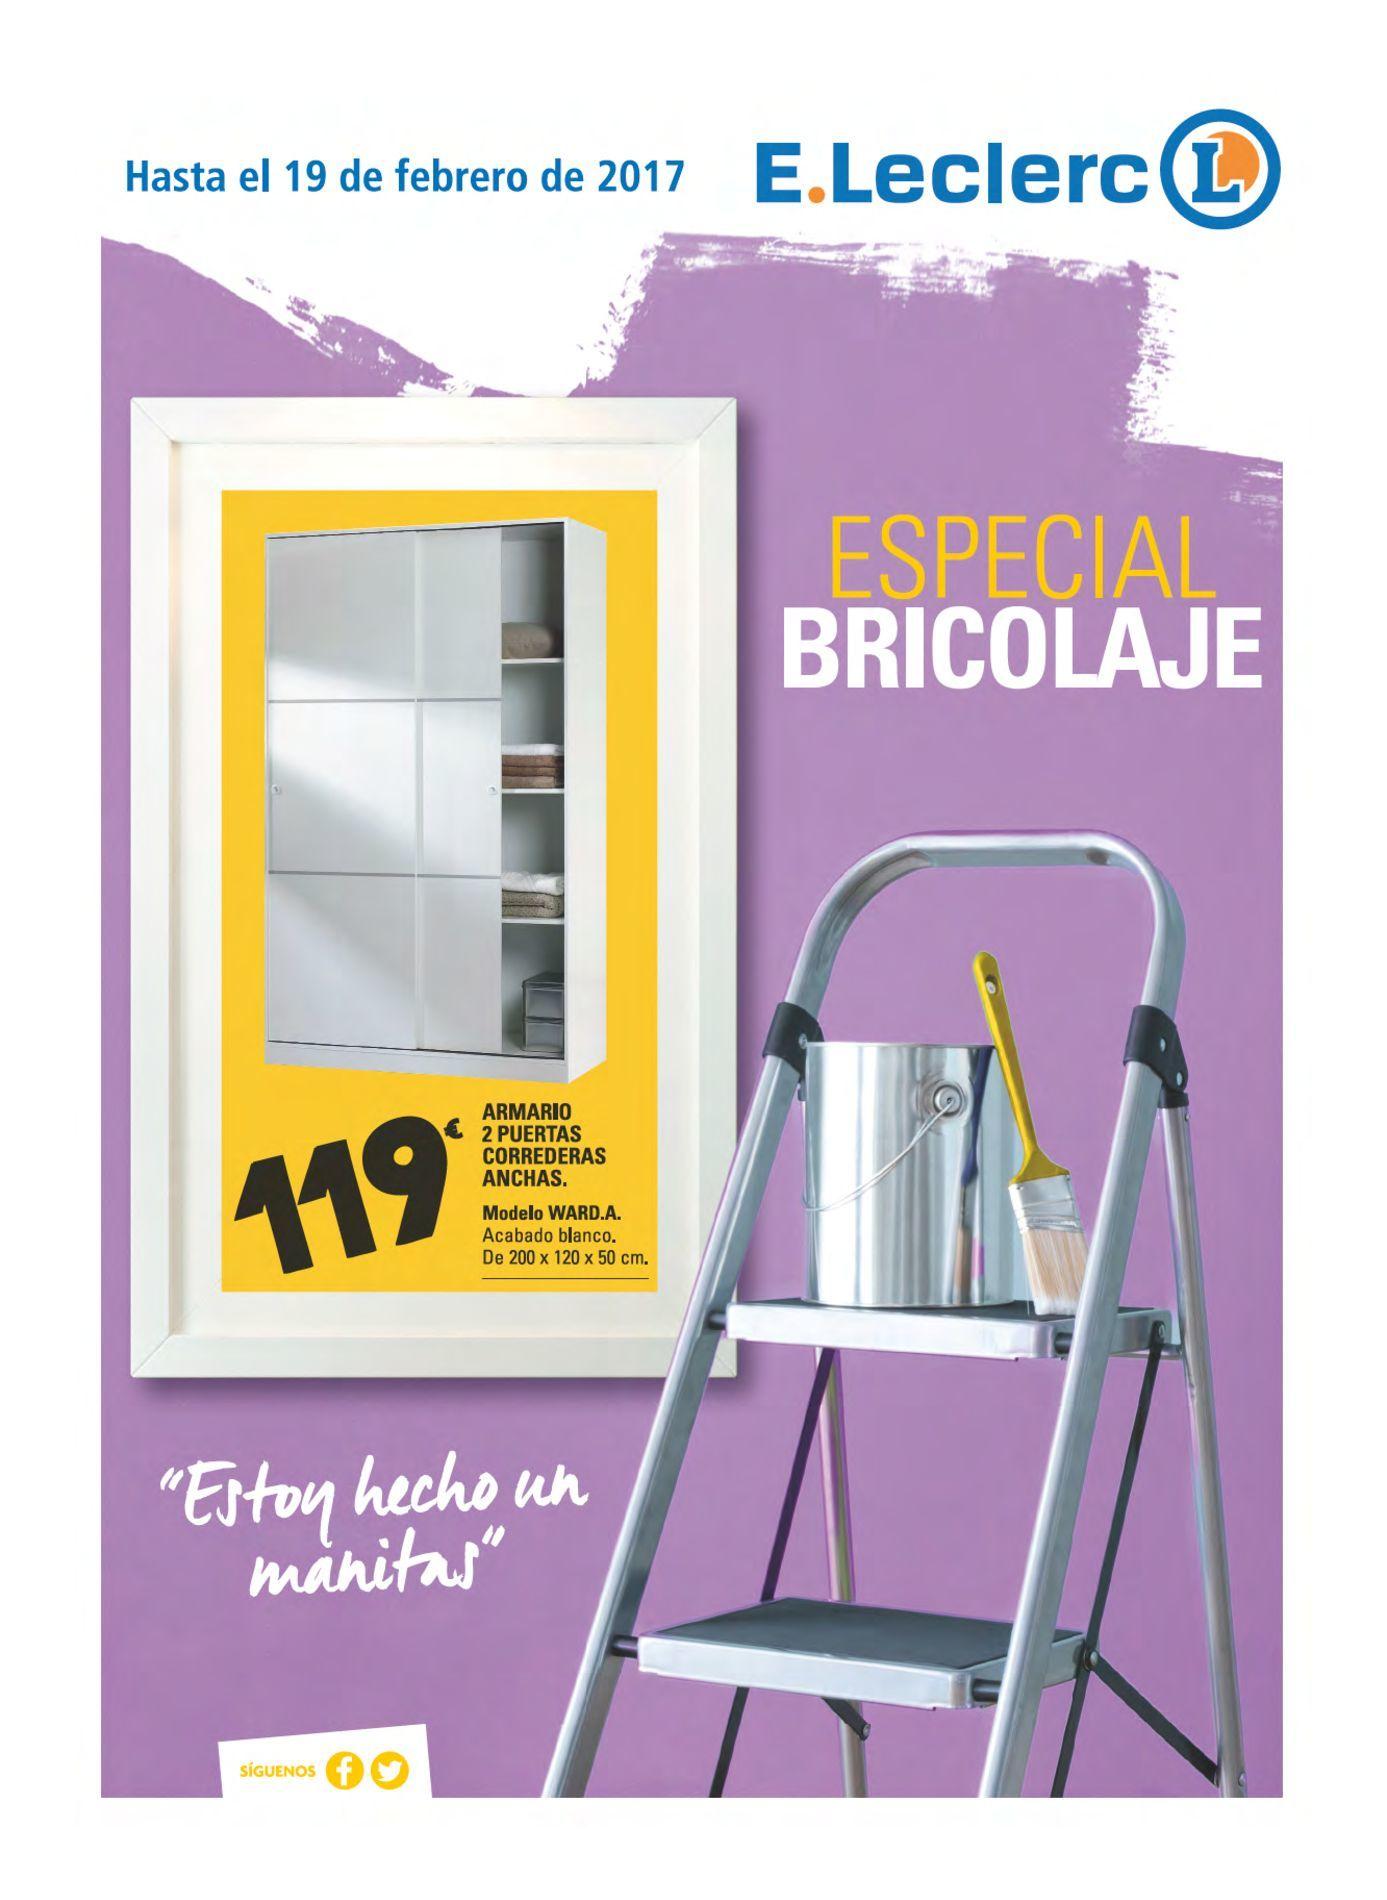 E leclerc especial bricolajee leclerc lugo hipermercado for Leclerc brochure